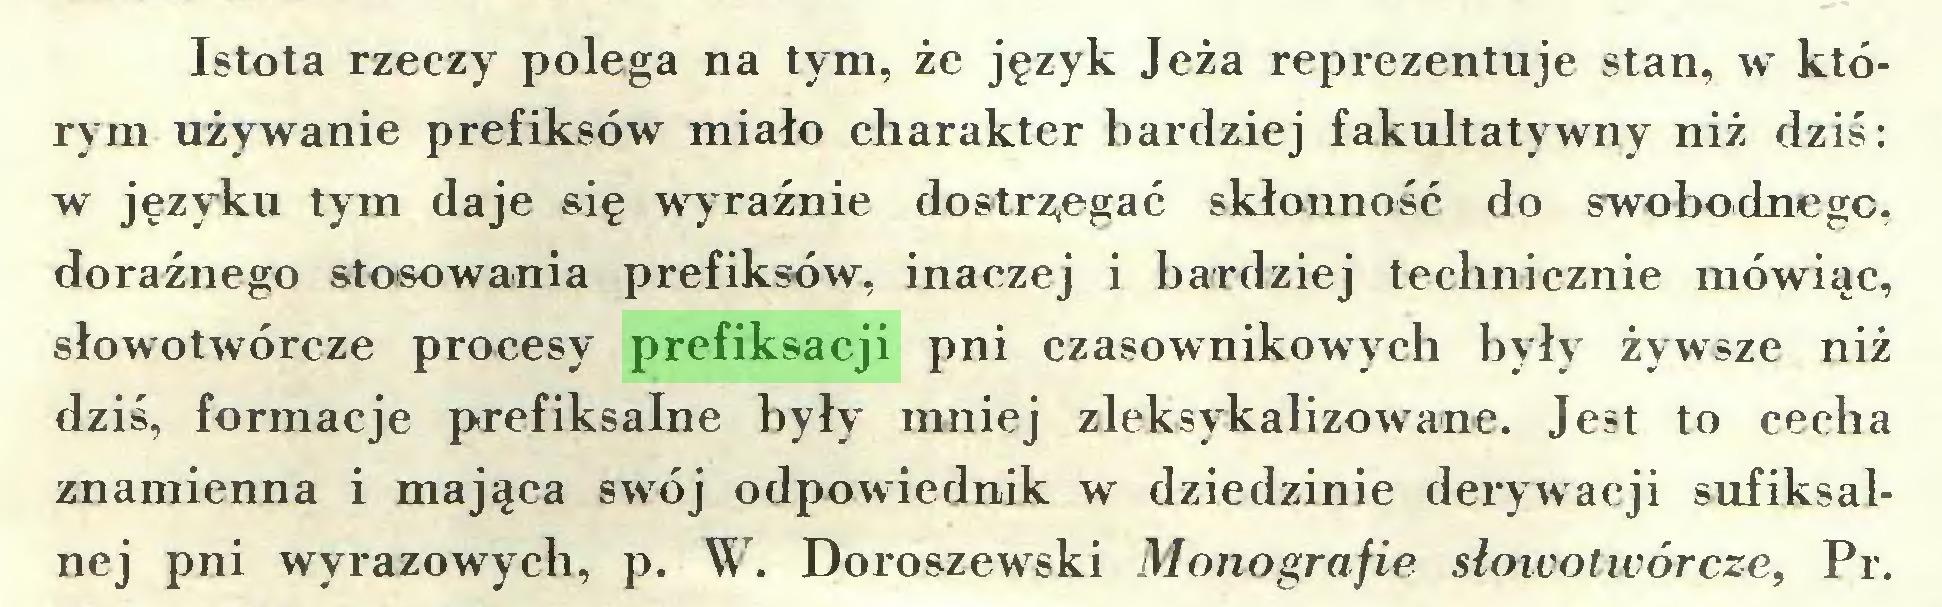 (...) Istota rzeczy polega na tym, że język Jeża reprezentuje stan, w którym używanie prefiksów miało charakter bardziej fakultatywny niż dziś: w języku tym daje się wyraźnie dostrzegać skłonność do swobodnego, doraźnego stosowania prefiksów, inaczej i bardziej technicznie mówiąc, słowotwórcze procesy prefiksacji pni czasownikowych były żywsze niż dziś, formacje prefiksalne były mniej zleksykalizowane. Jest to cecha znamienna i mająca swój odpowiednik w dziedzinie derywacji sufiksalnej pni wyrazowych, p. W. Doroszewski Monografie słowotwórcze, Pr...